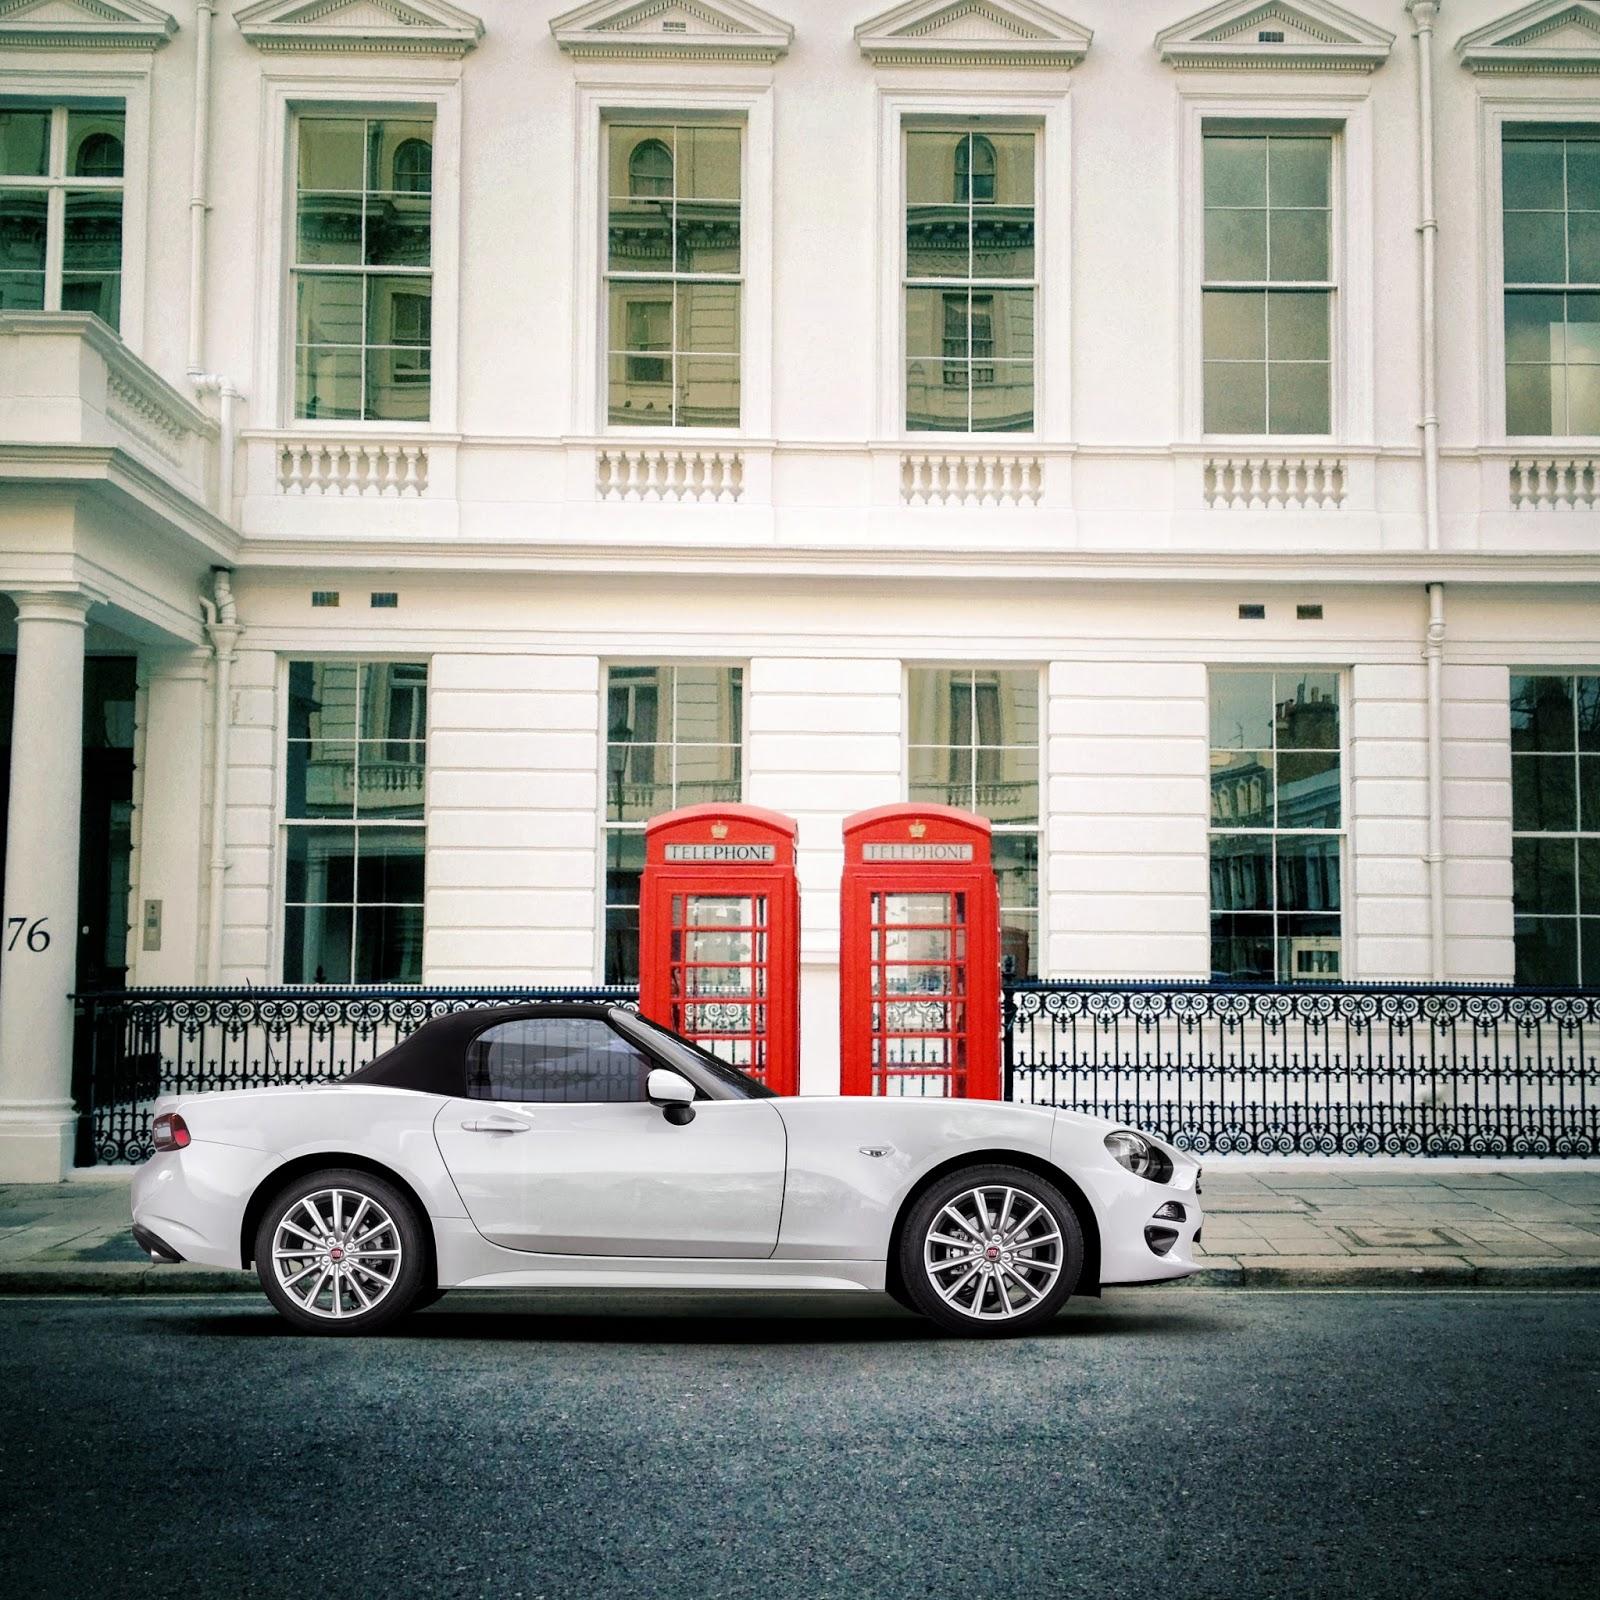 Spider London 2 Το Fiat 124 Spider άρχισε τις εξορμήσεις